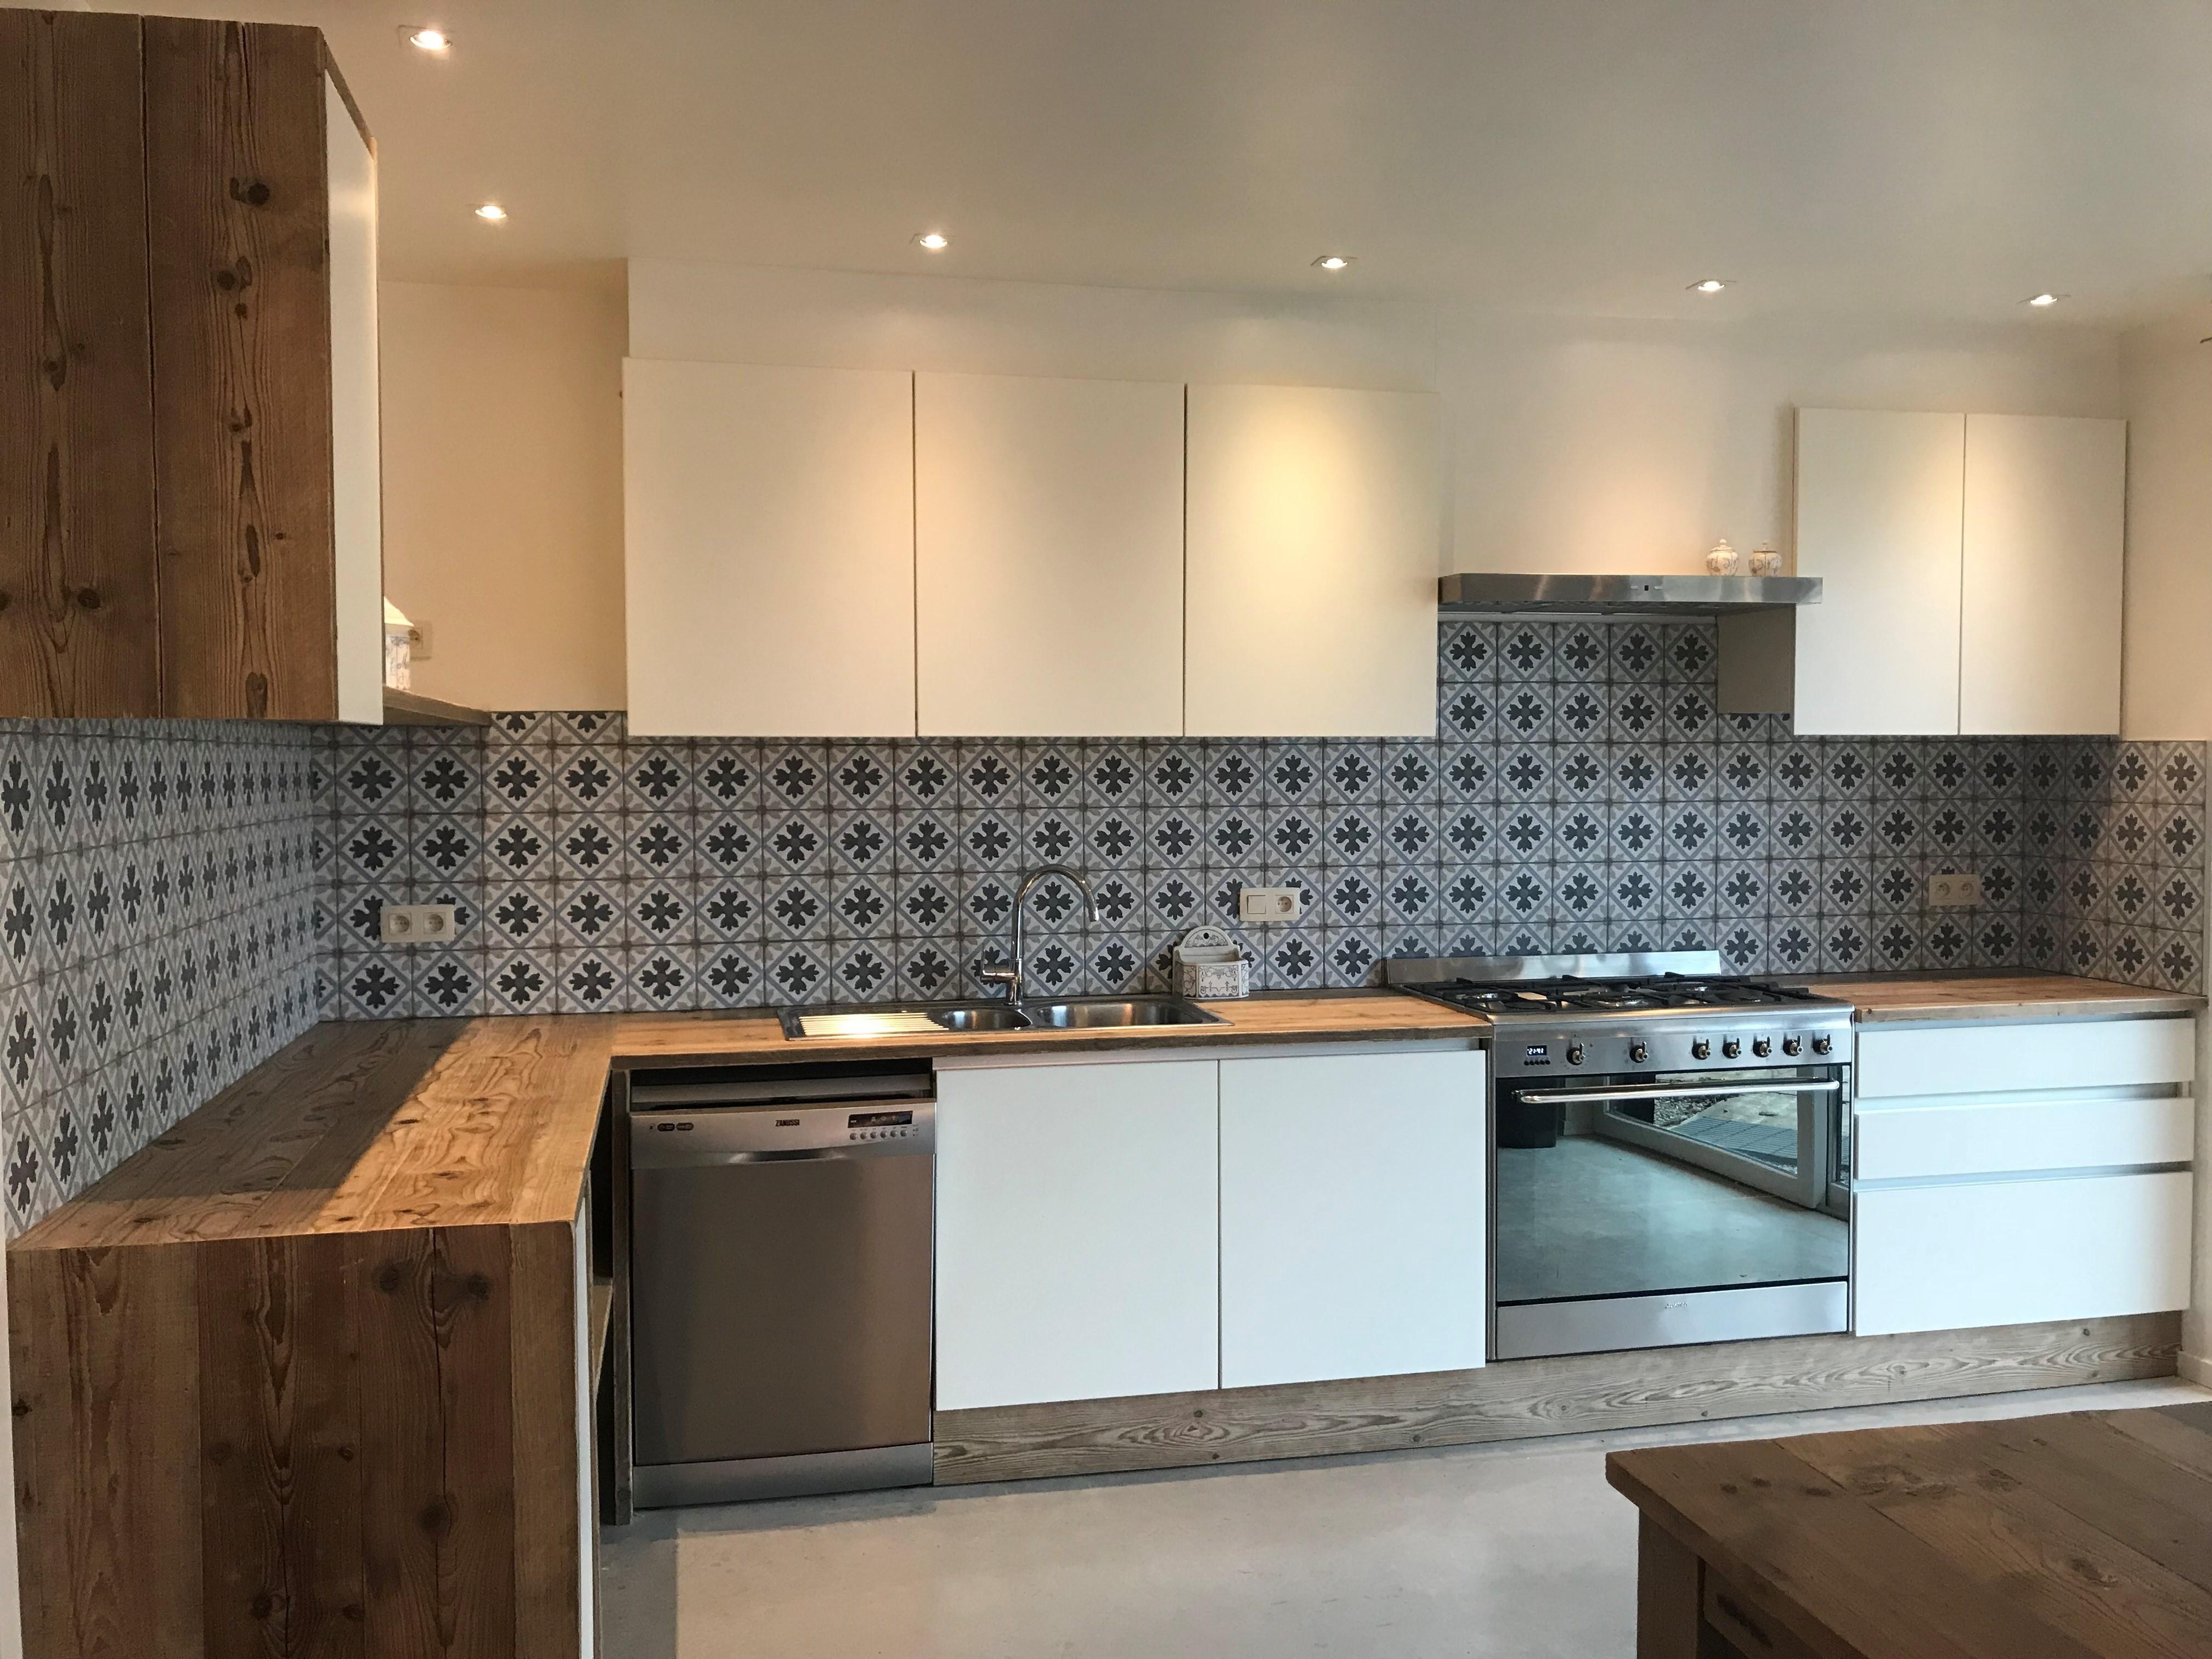 Keuken overzicht (1)